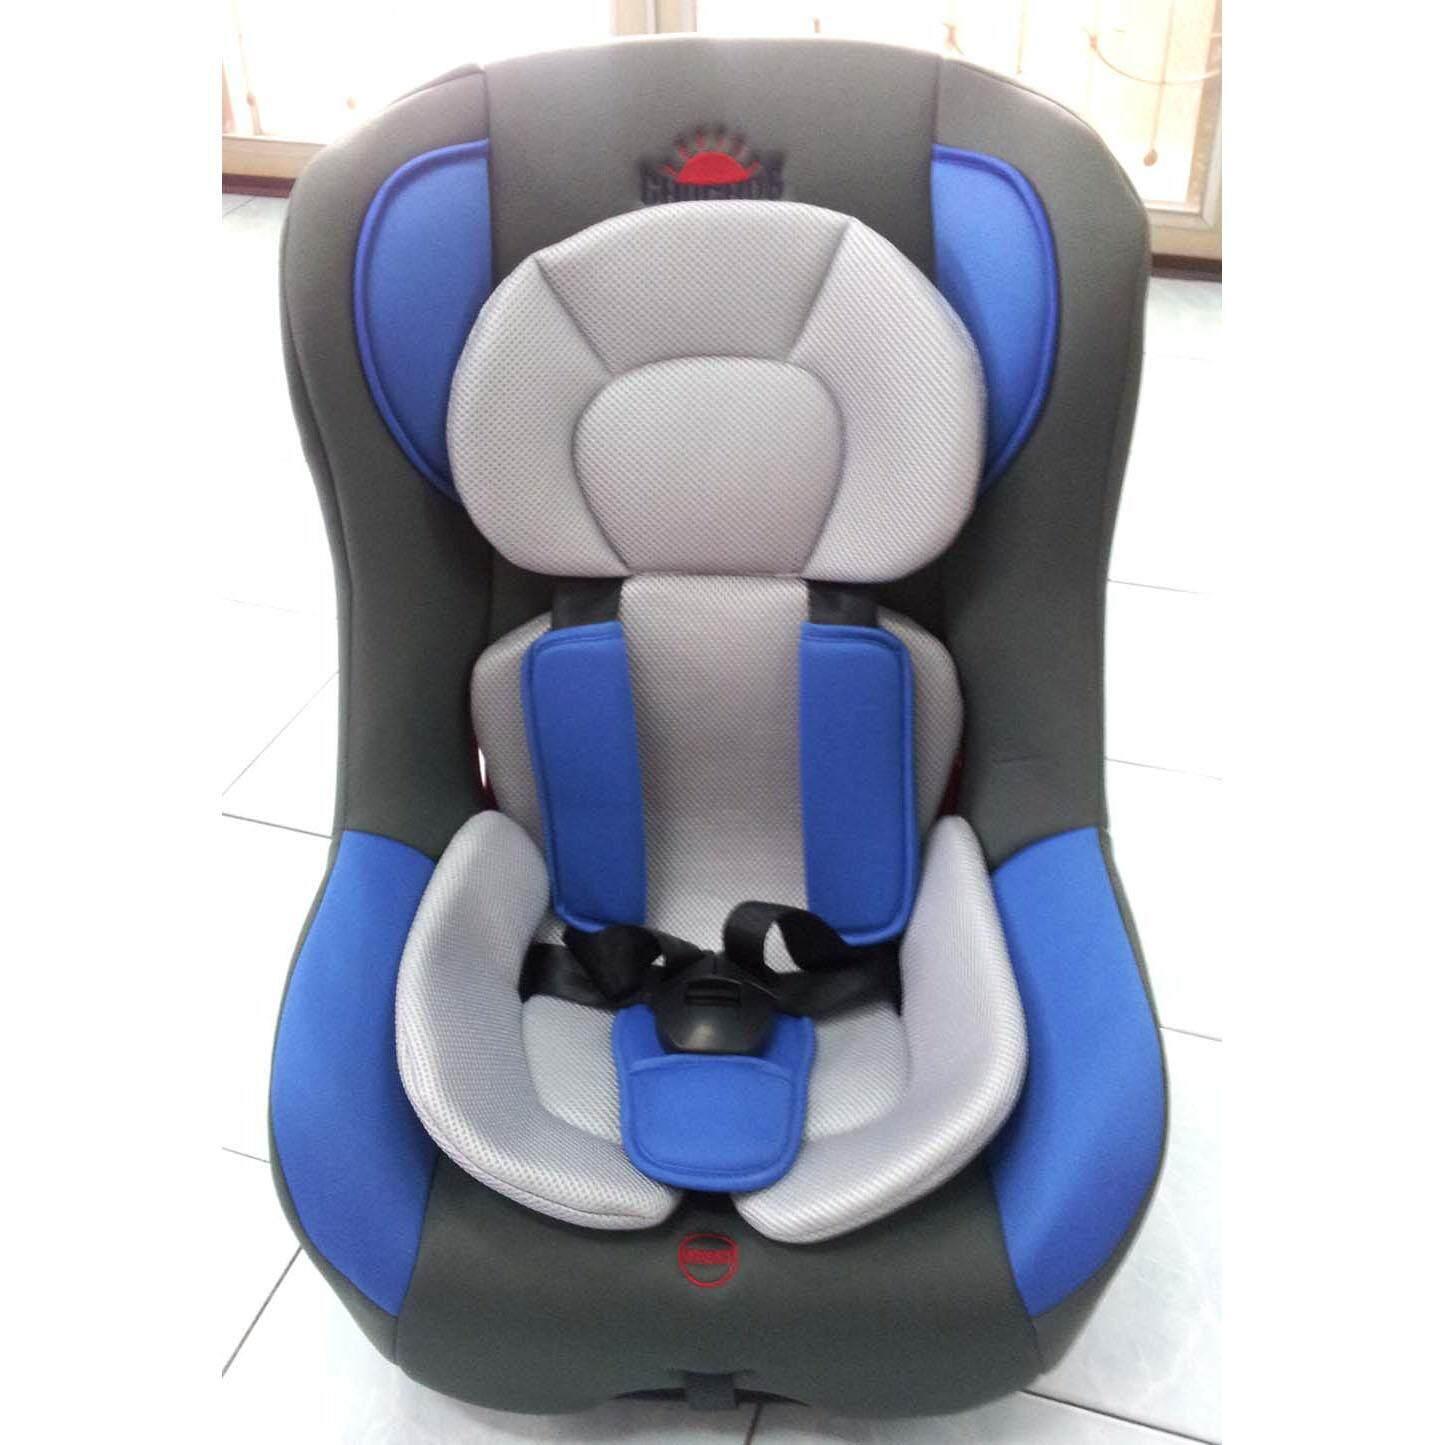 คาร์ซีท CHUCHOB Carseat ที่นั่งเด็กอ่อนในรถยนต์ รุ่น HB-902 ปรับ เอน นอนได้